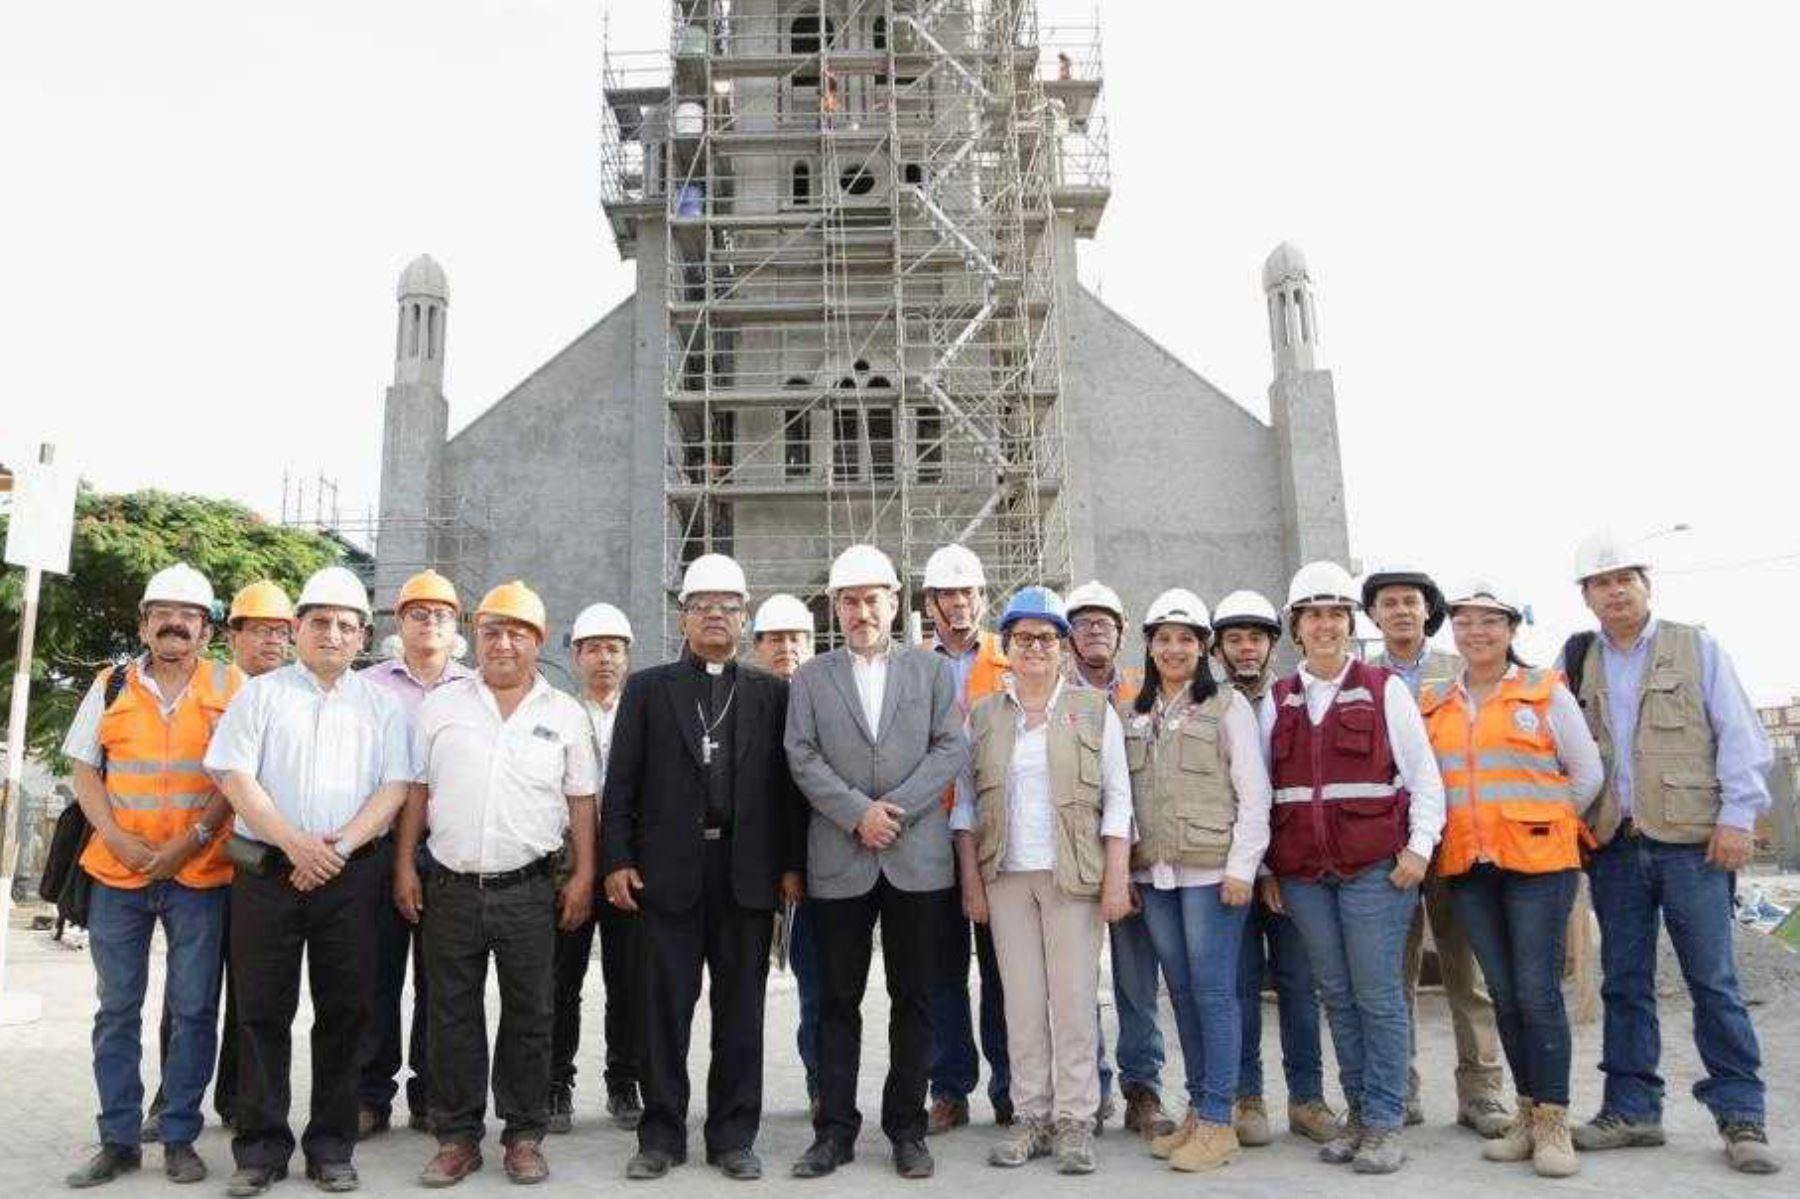 El ministro de Cultura, Rogers Valencia, llegó hoy a la región Ica para supervisar la reconstrucción del Templo del Señor de Luren, cuya infraestructura resultó seriamente dañada por el terremoto de agosto de 2007.